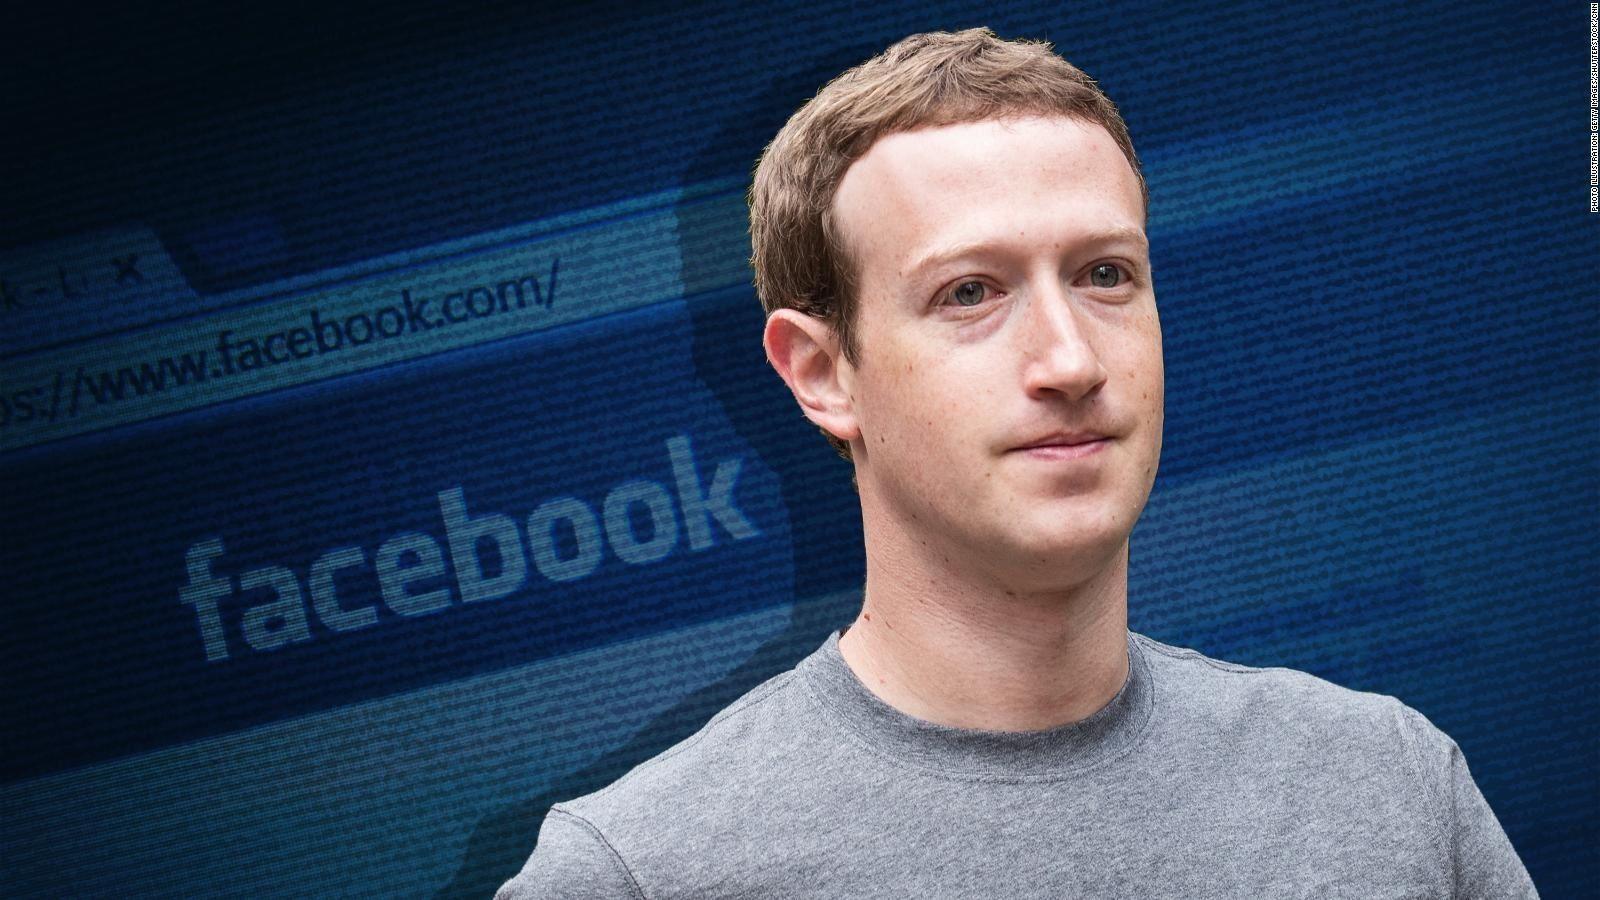 Фейсбук отслеживает положение пользователей, которых считает «угрозой»